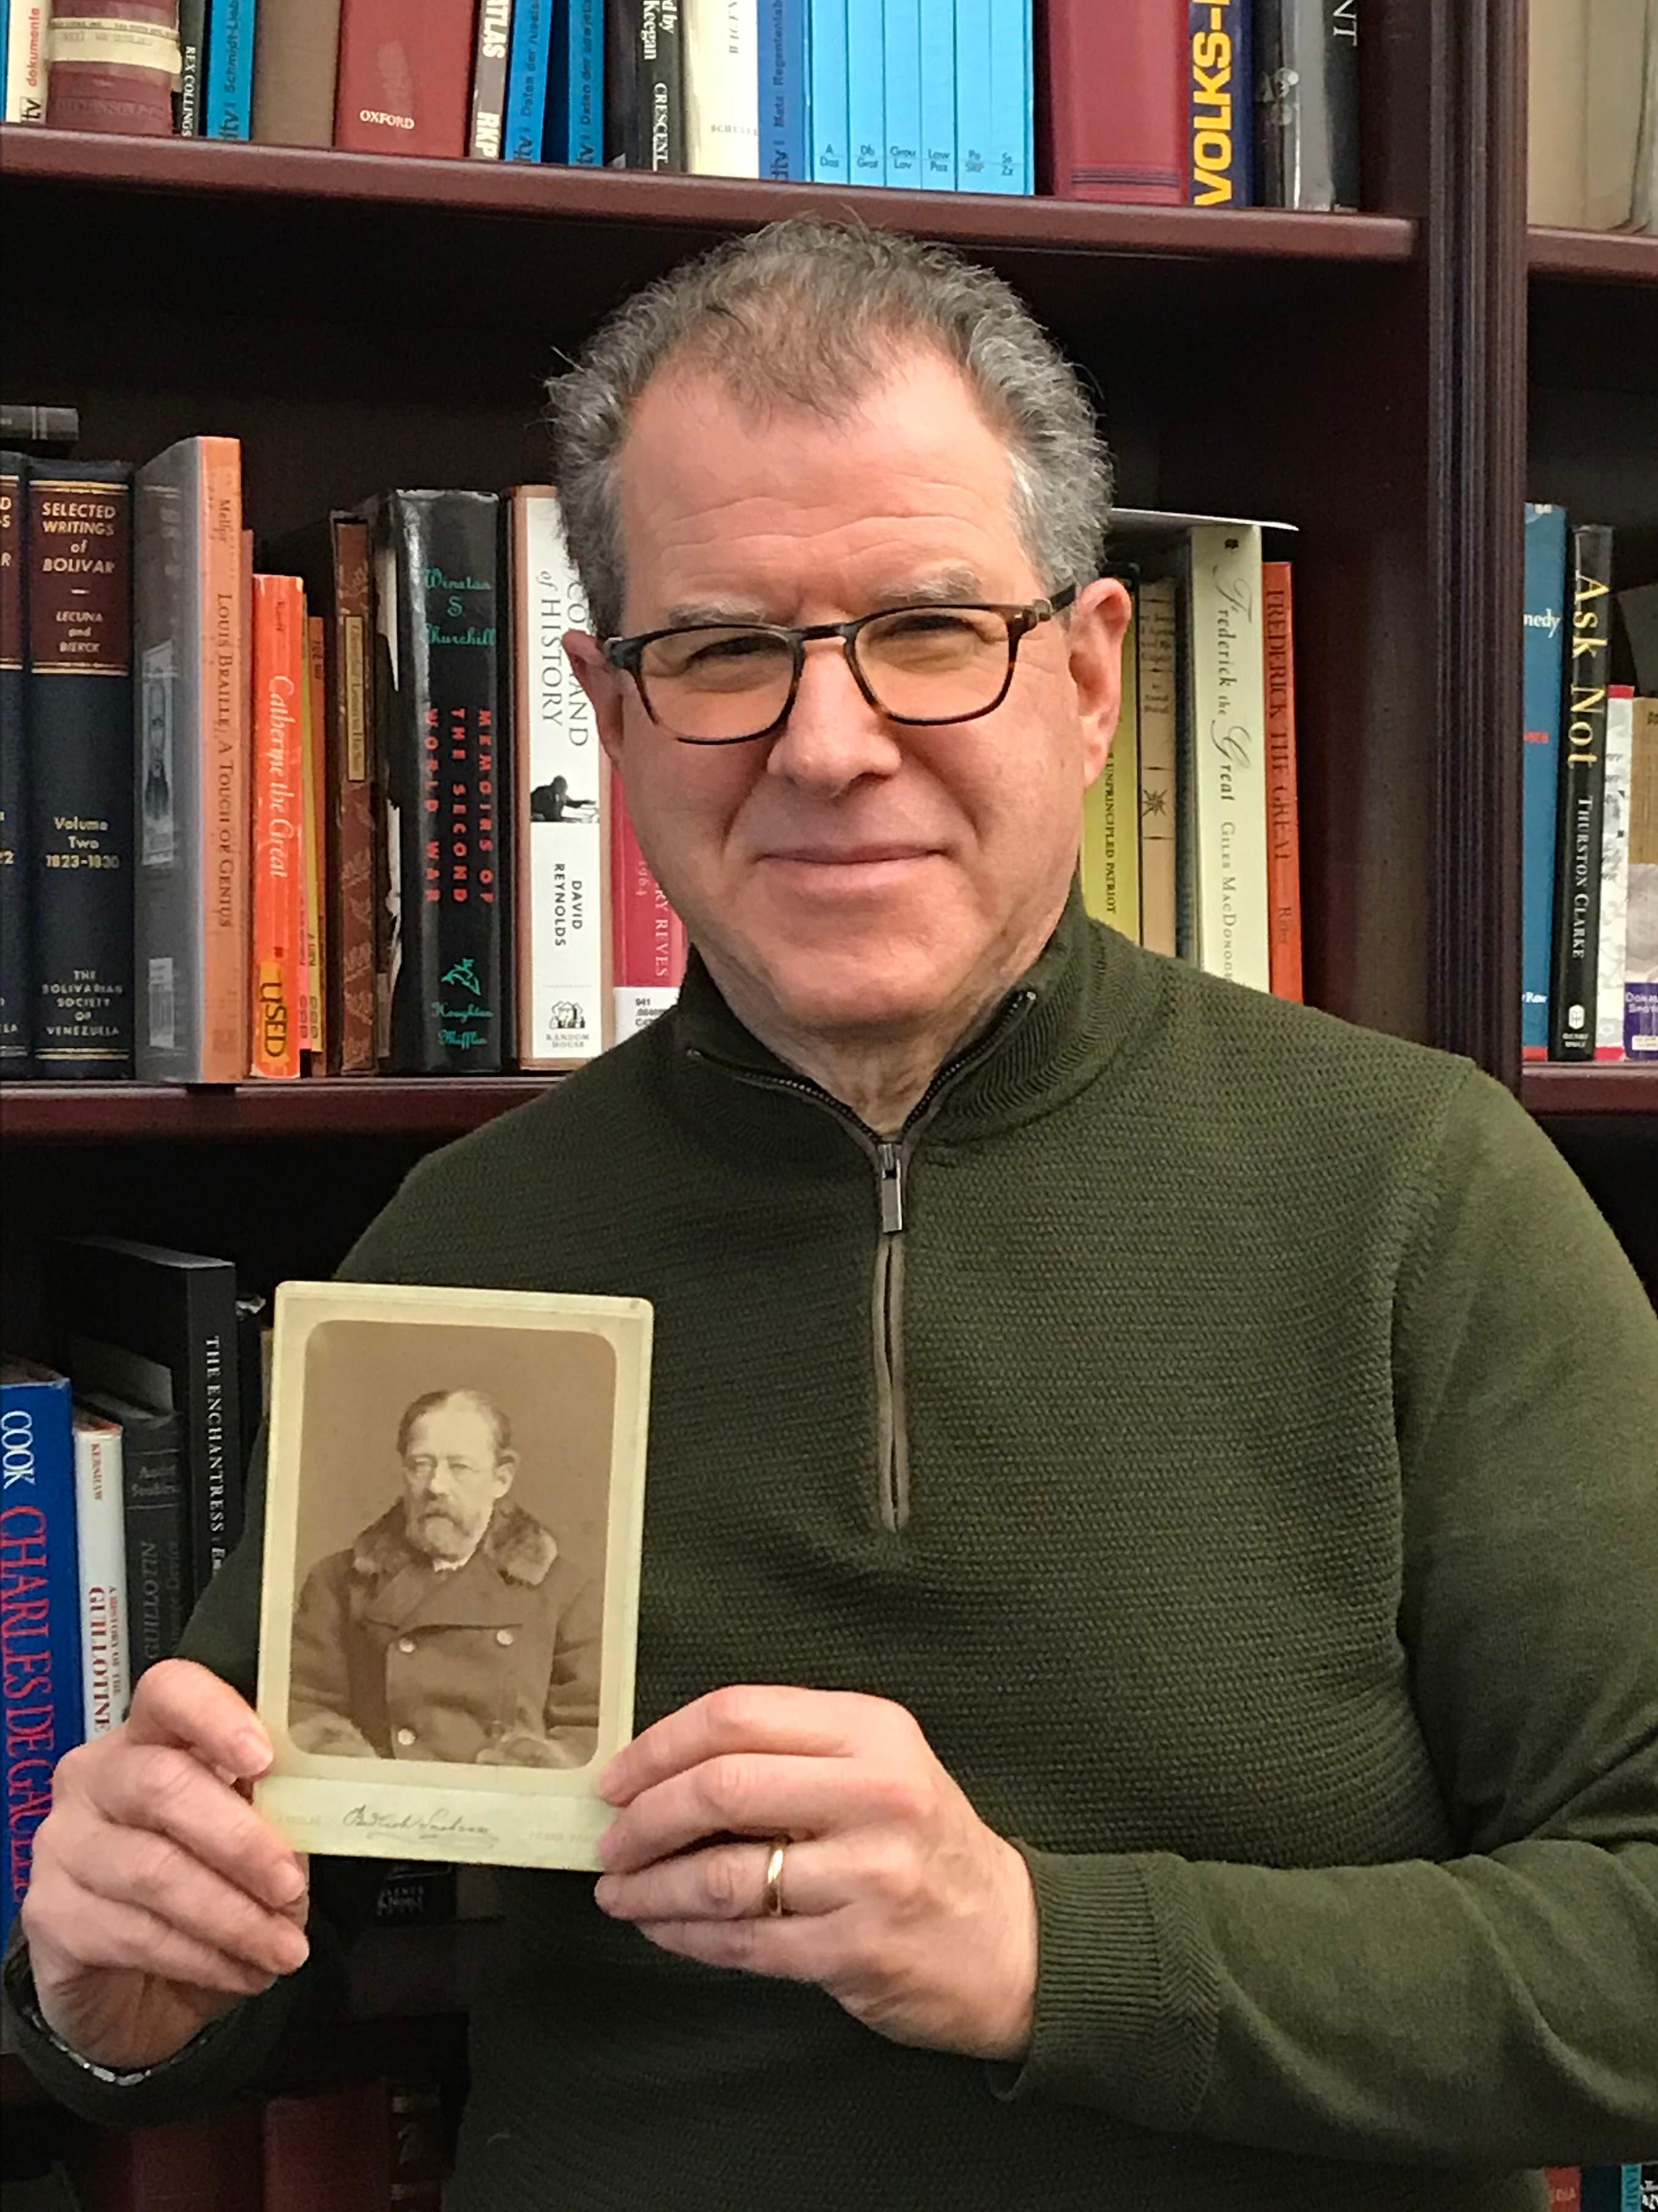 David Löwenherz ist ein international bekannter Experte für die Überprüfung der Echtheit von Autografen.